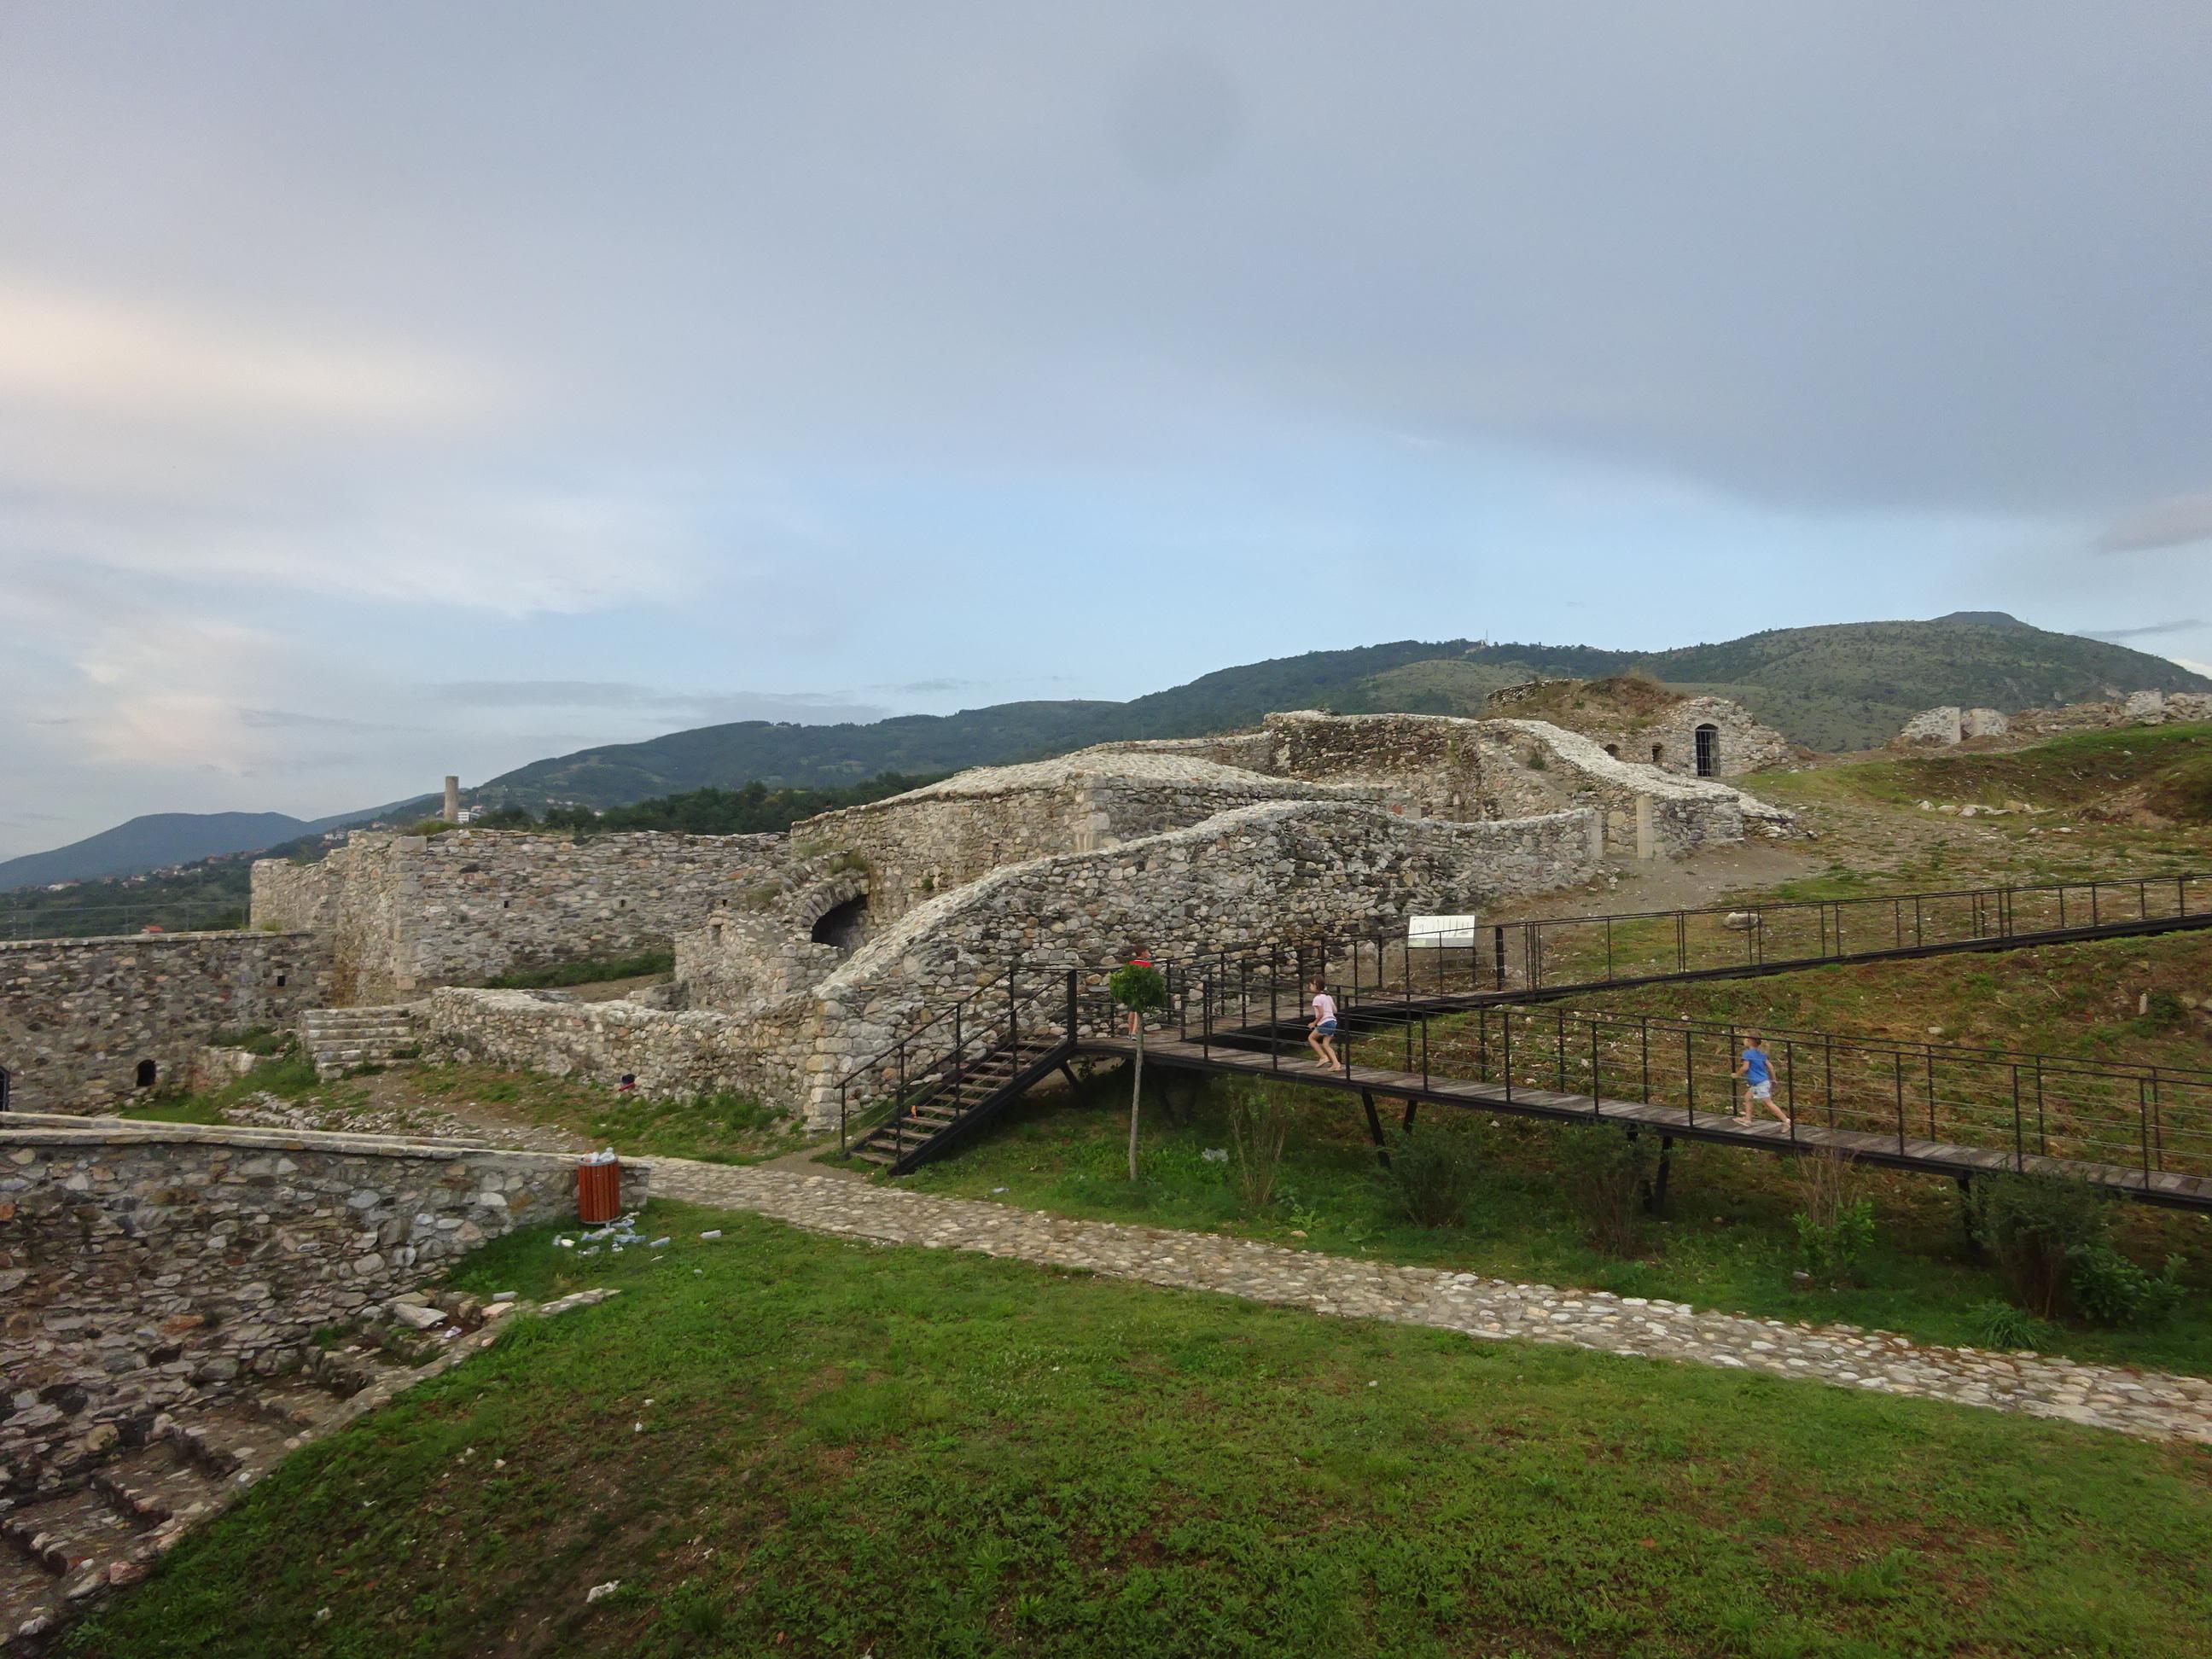 プリズレンの観光「プリズレン要塞」は敷地が広い